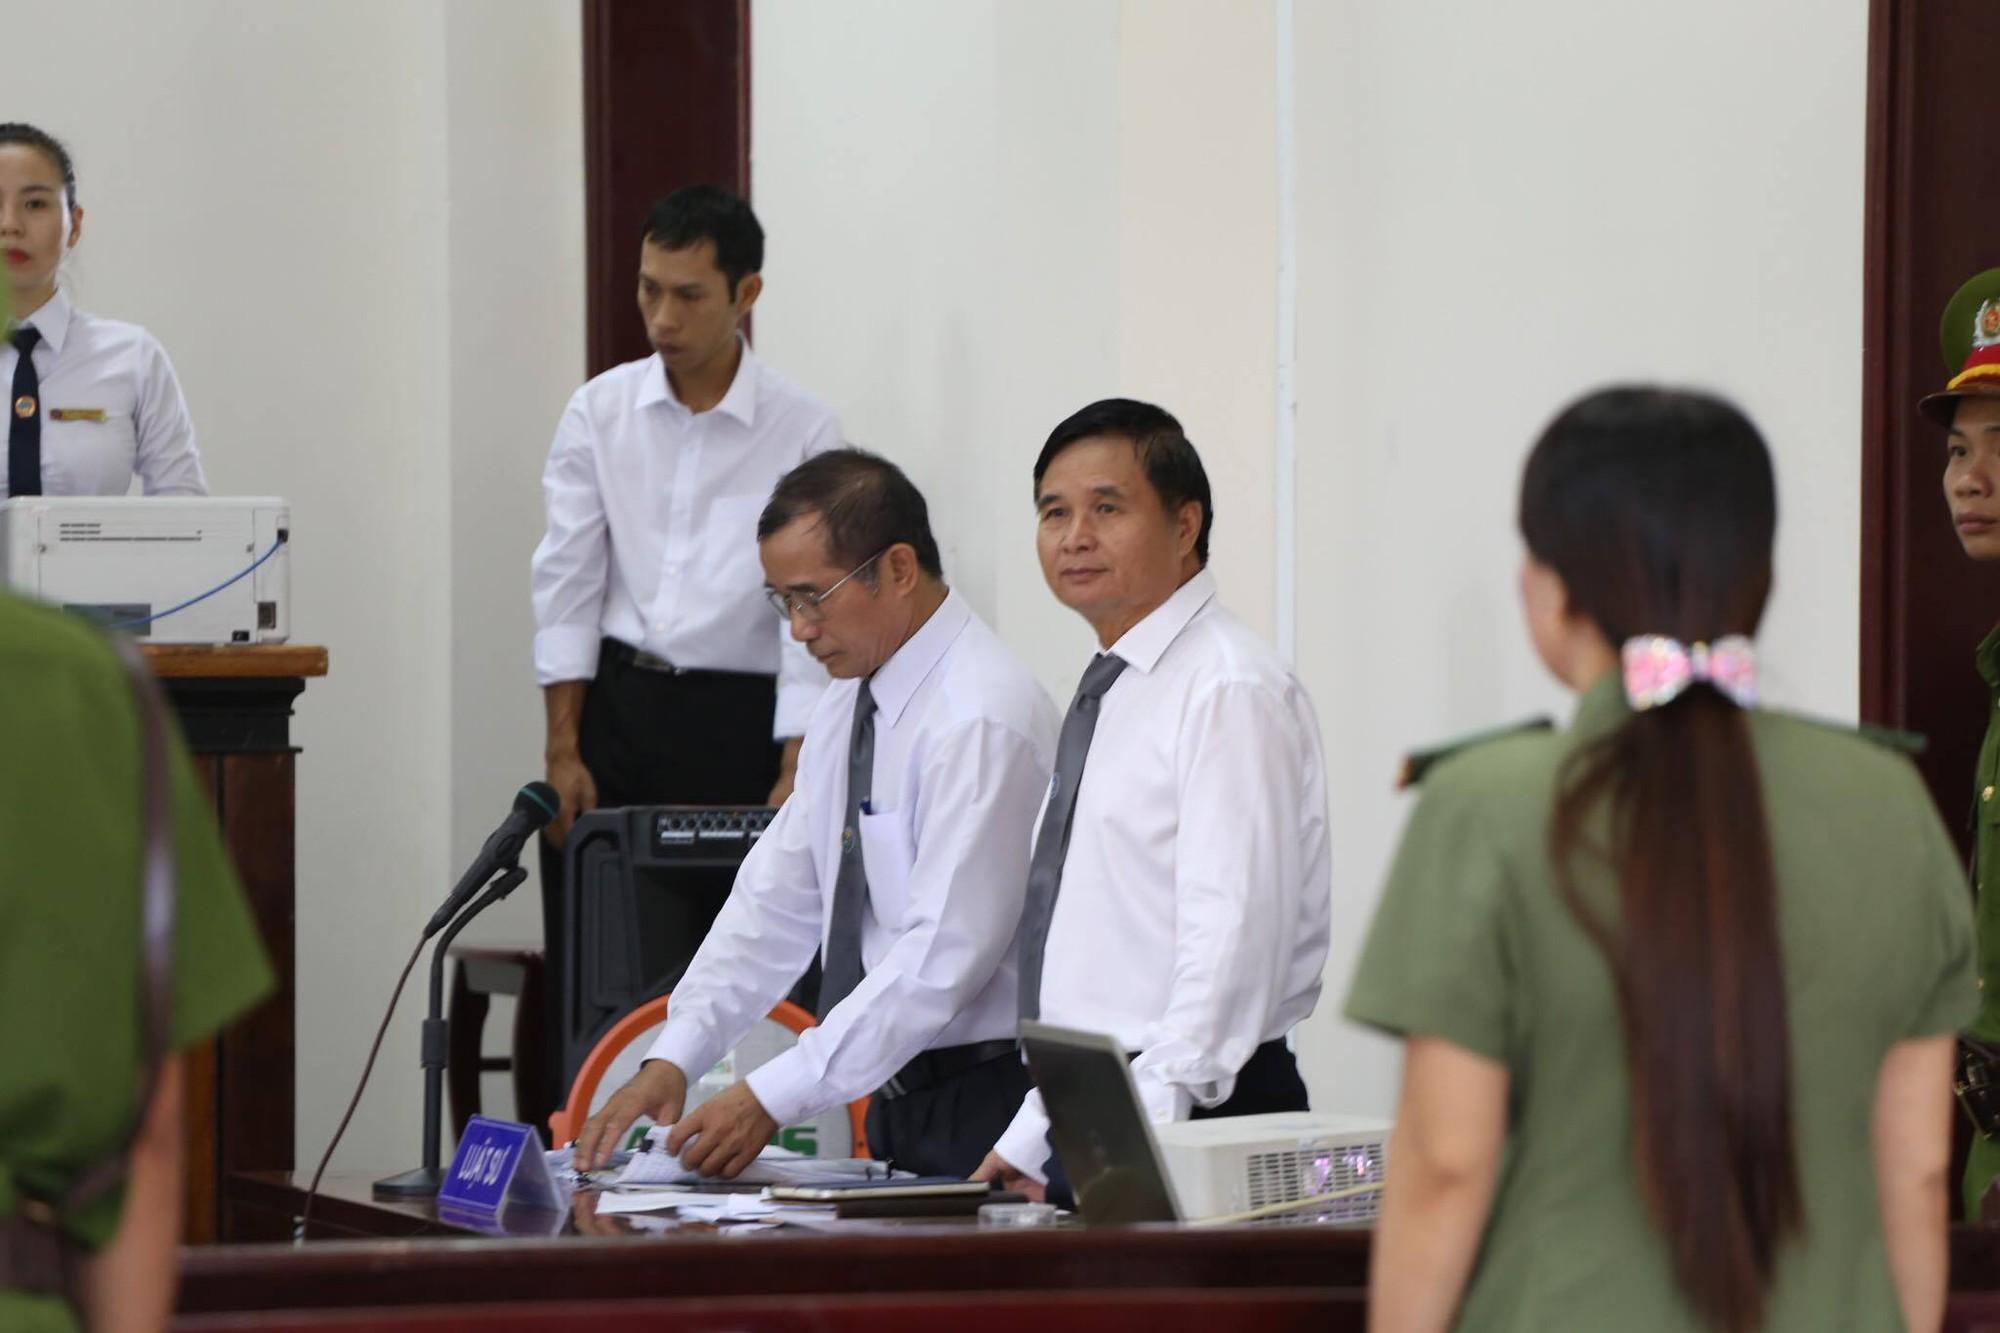 Tòa tuyên án 3 năm tù về tội Dâm ô đối với trẻ em, bị cáo 77 tuổi hét lớn: Tôi phản đối! - Ảnh 2.